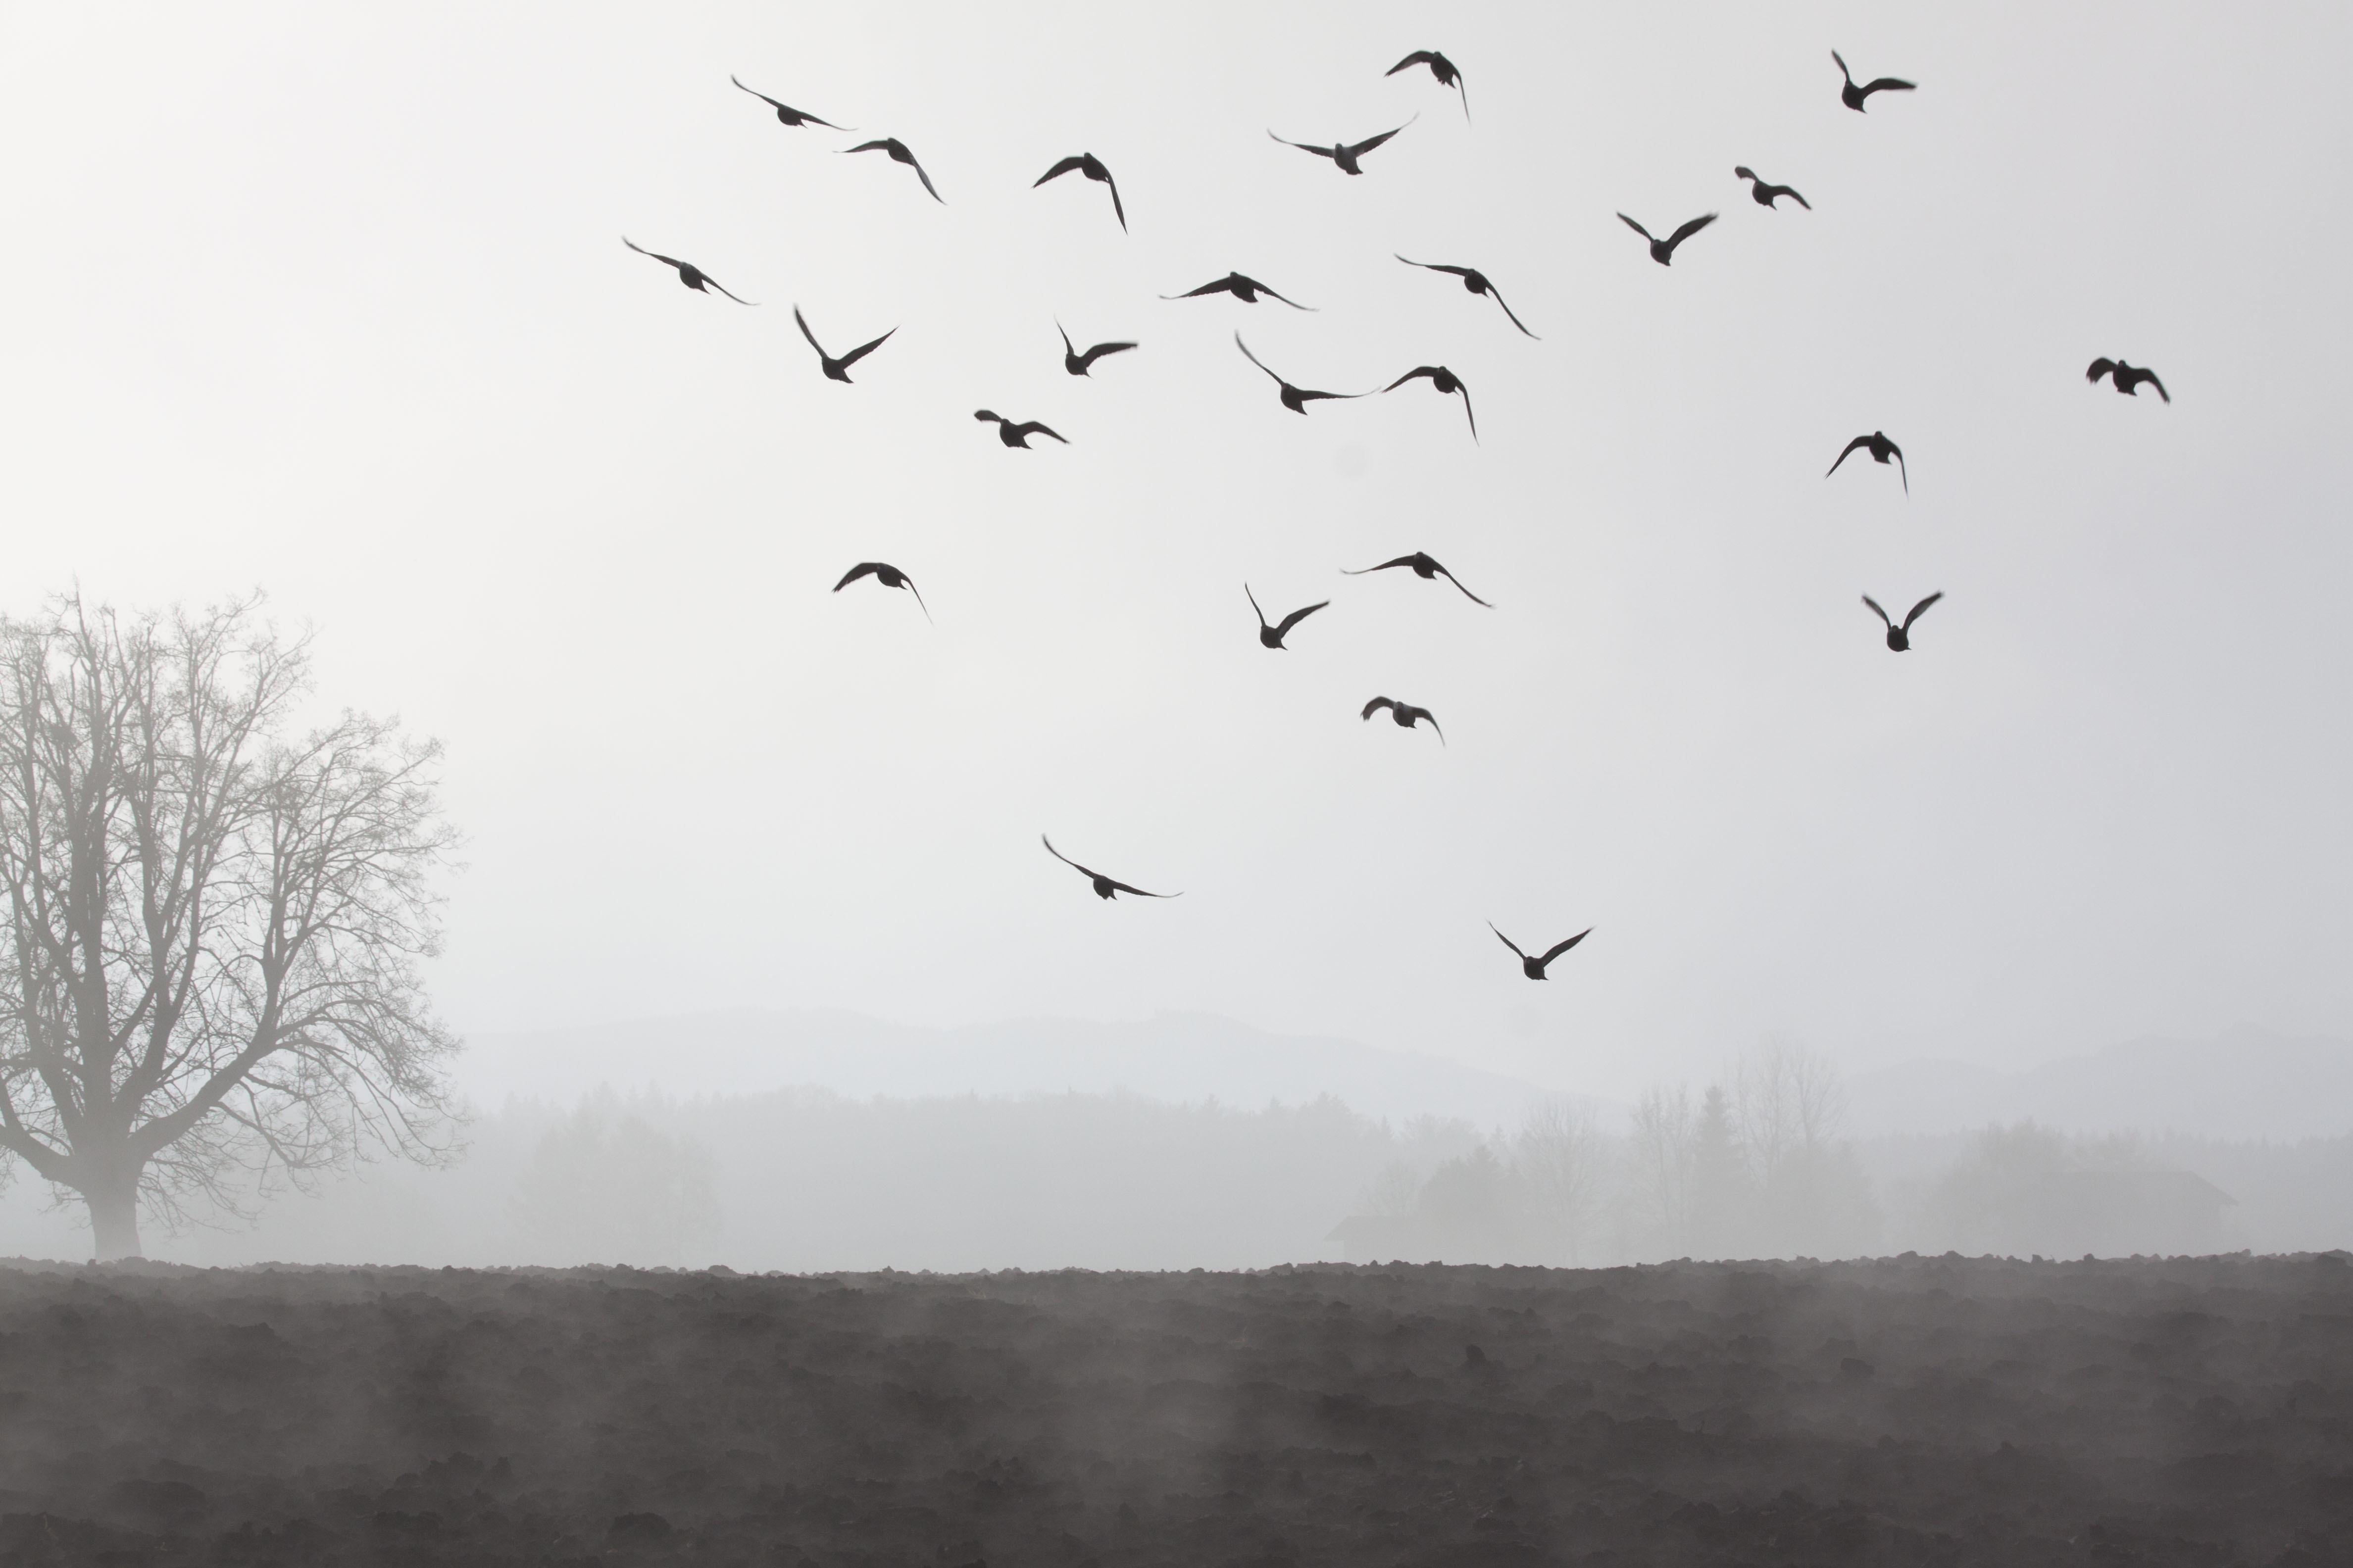 Birds Flying, Animal, Bird, Flying, Fog, HQ Photo